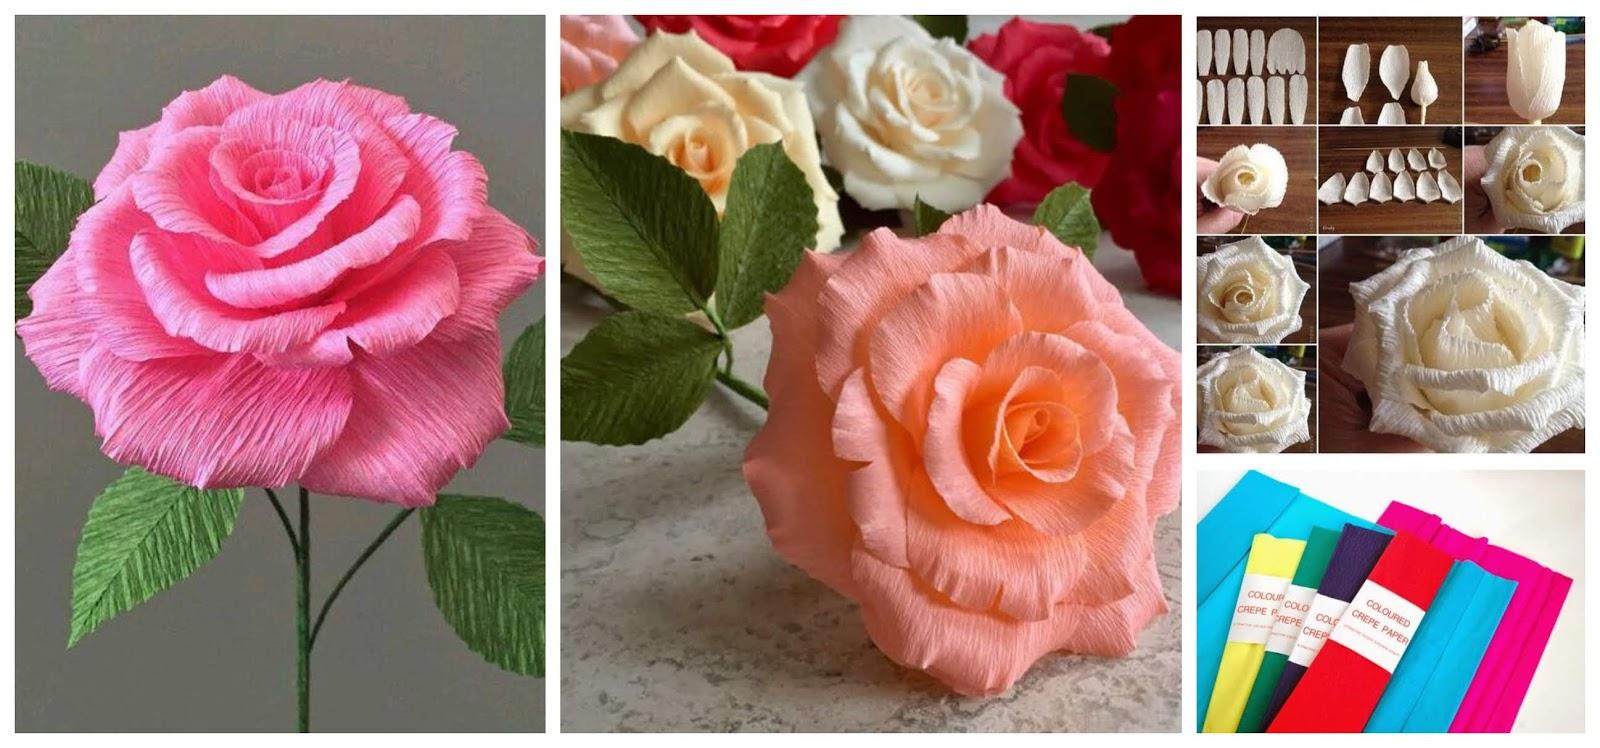 Como Hacer Rosas De Papel Crepe Que Sean Hermosas Y Reales Haz